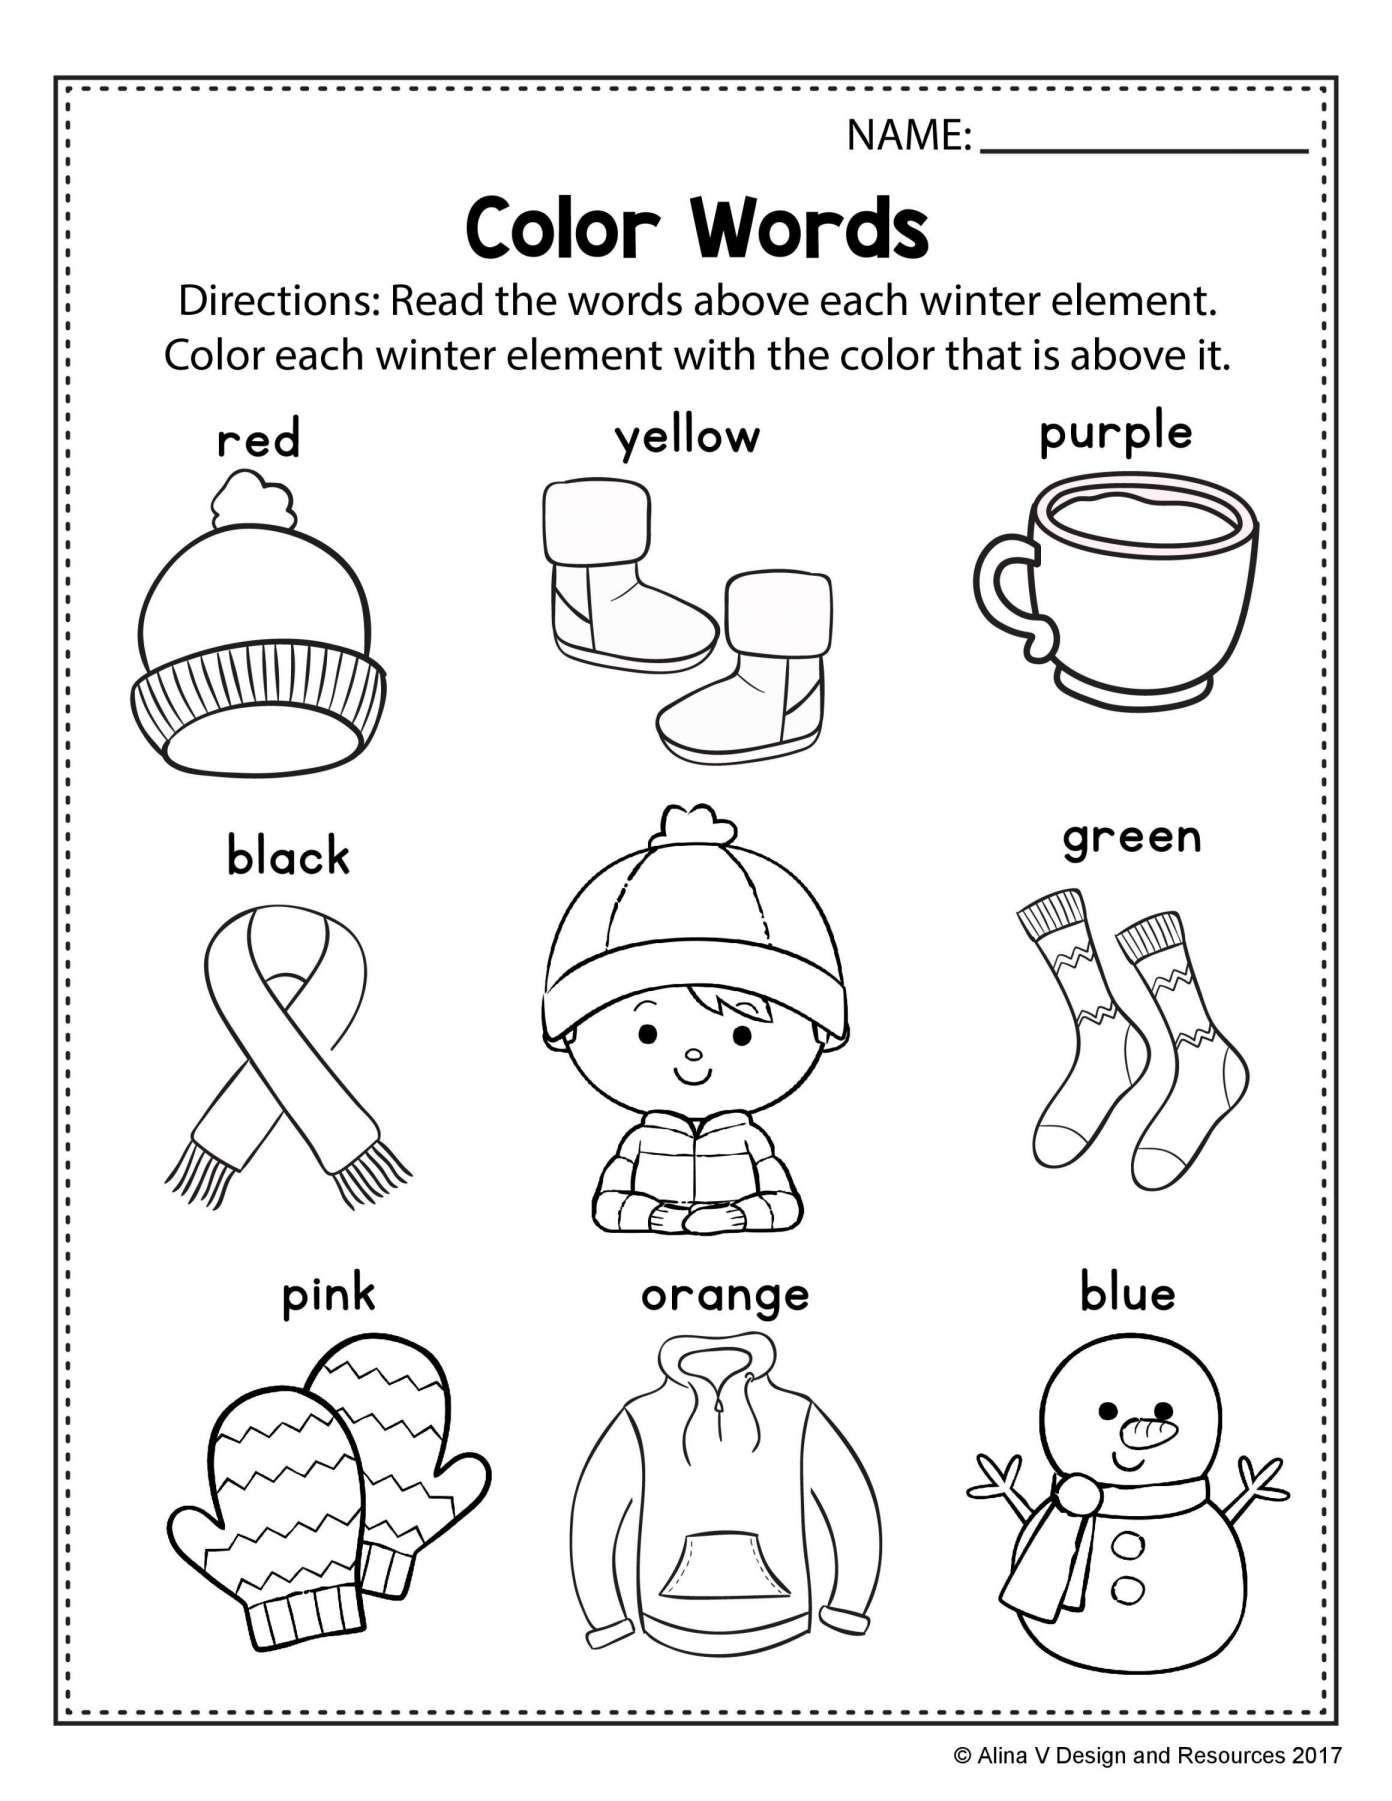 10 Winter Worksheets For Preschoolers